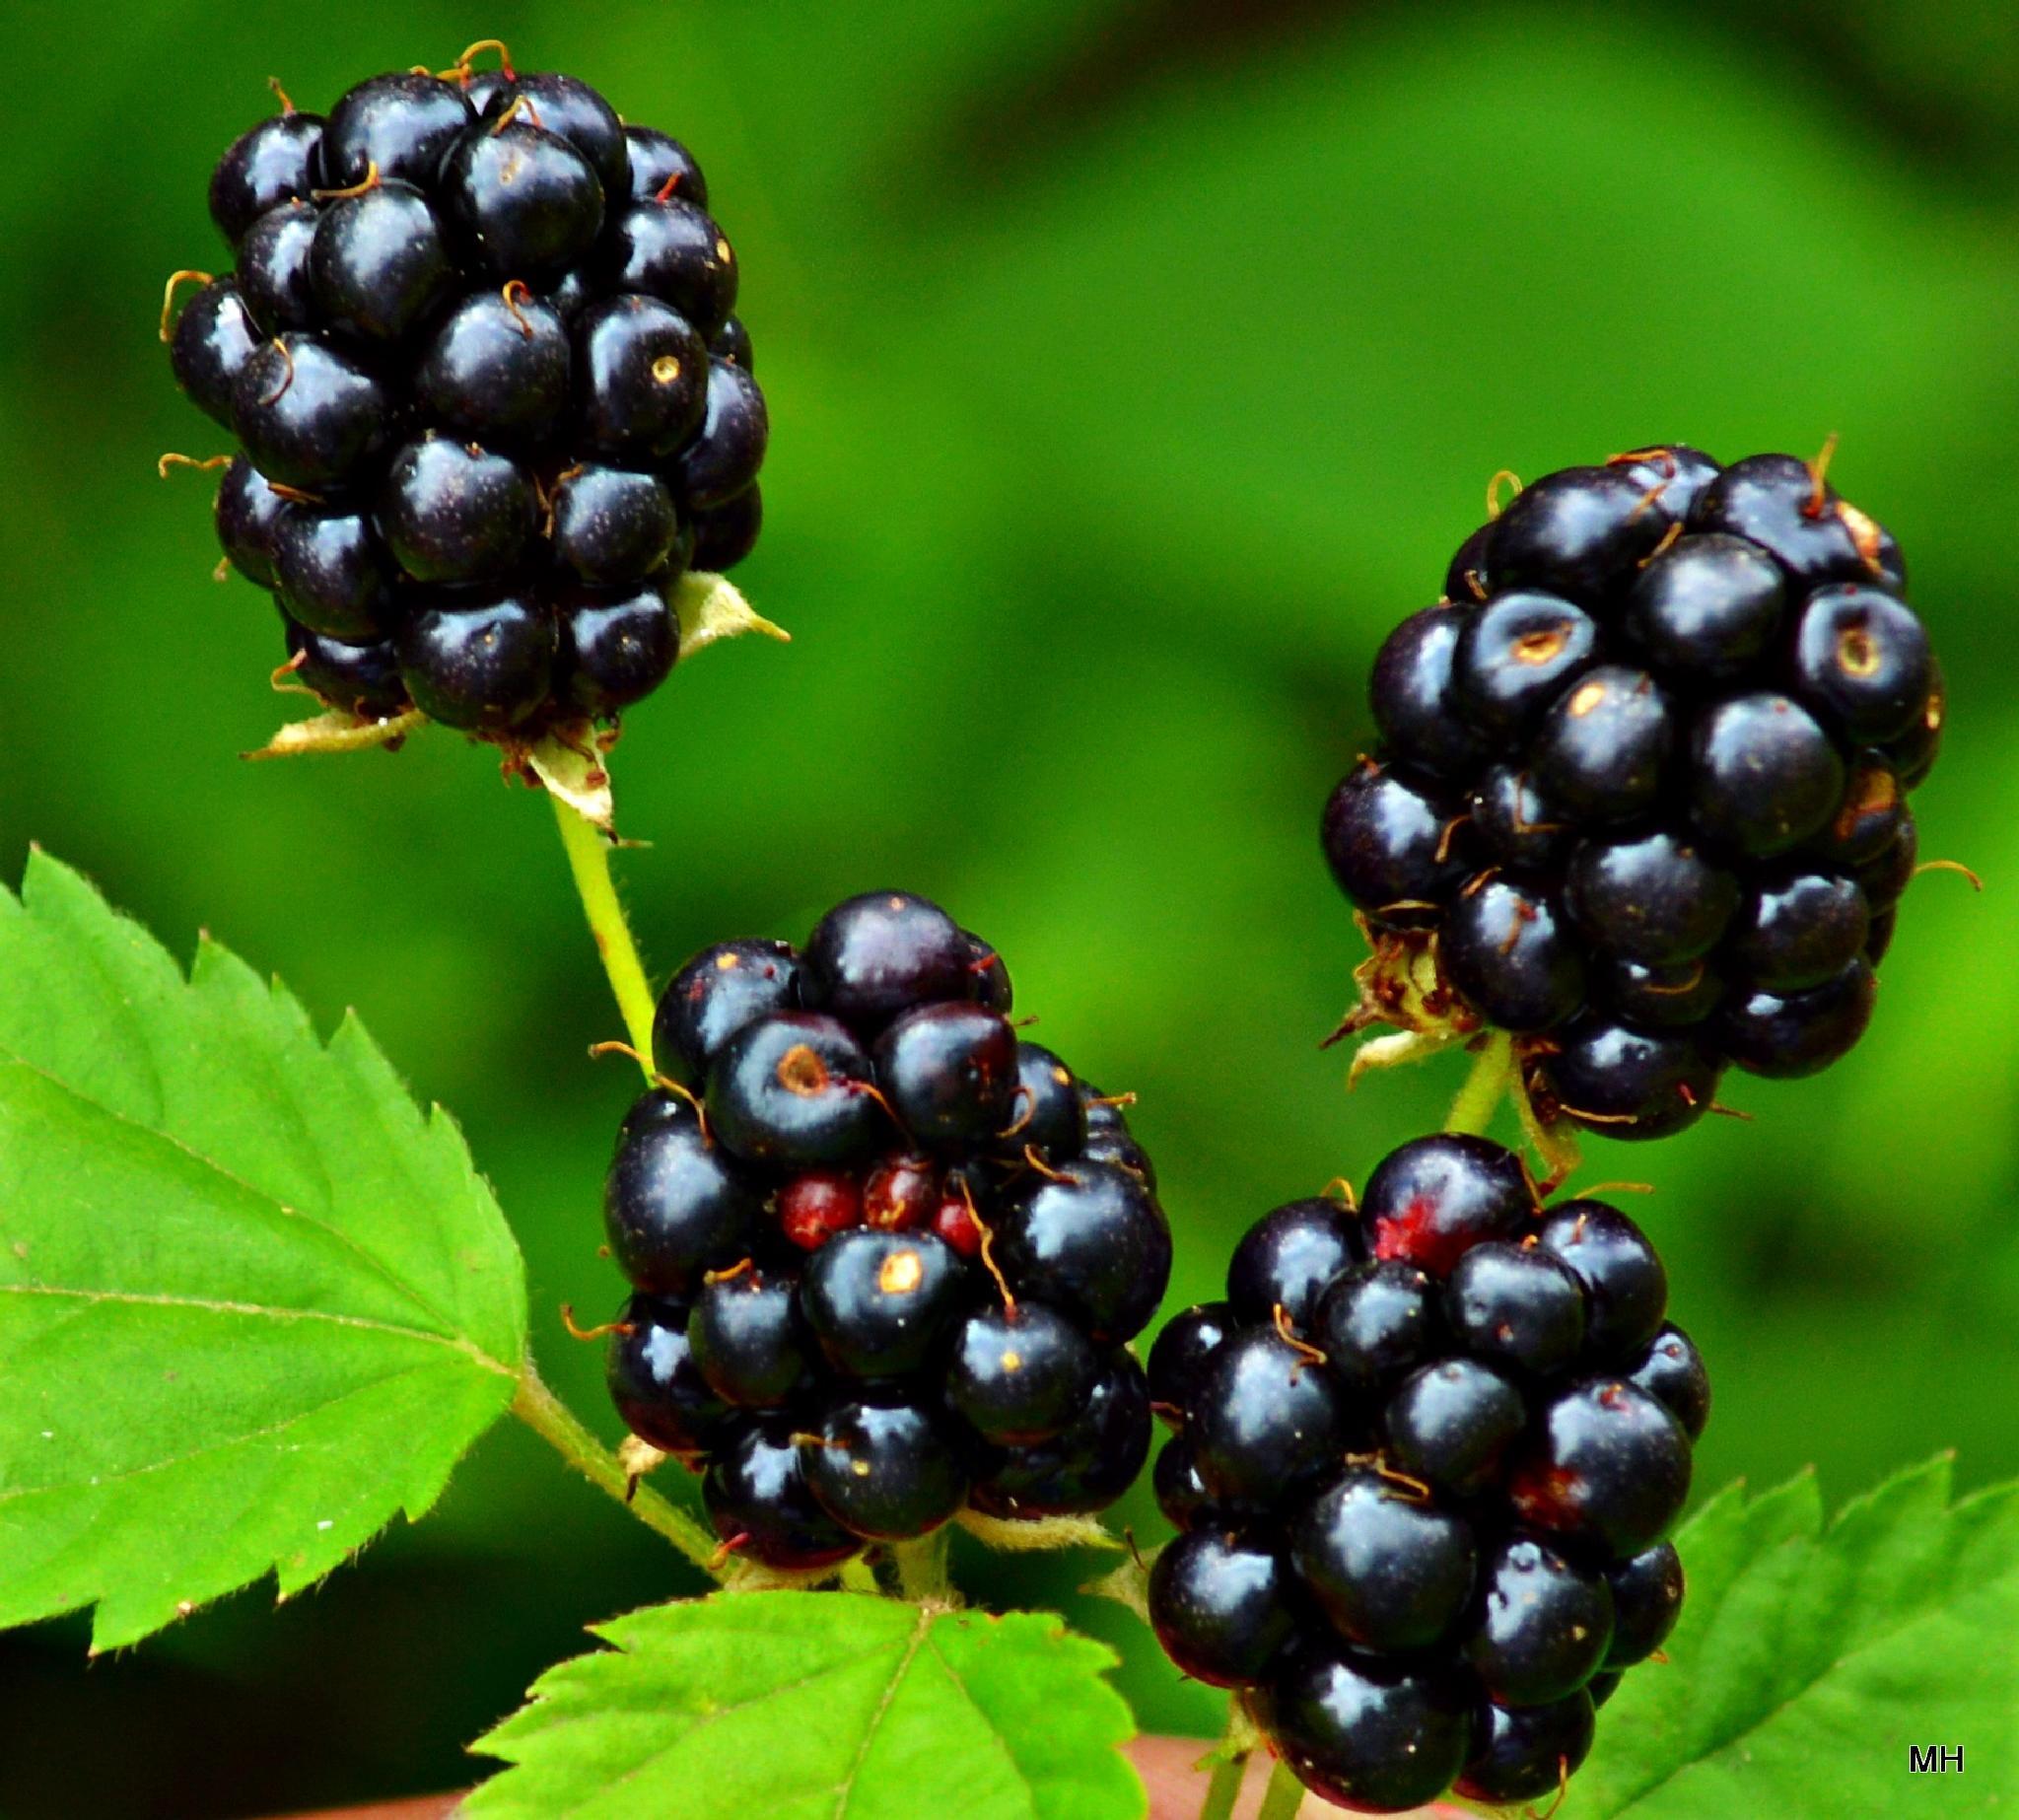 blackberrys by MH